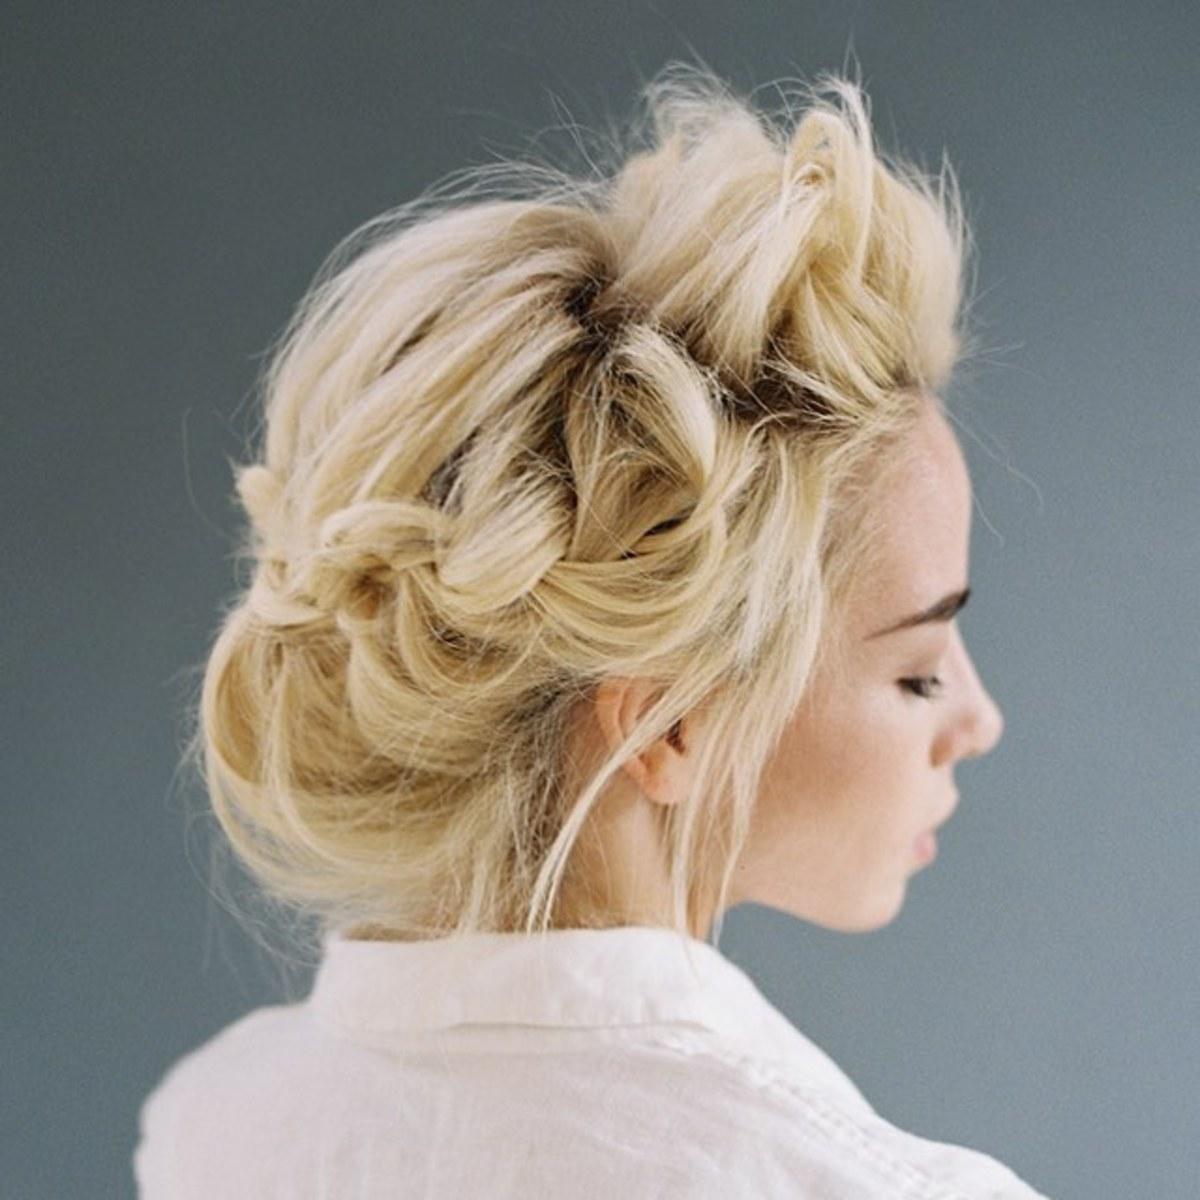 Famoso Le più belle acconciature per capelli corti | Donne Magazine CO48